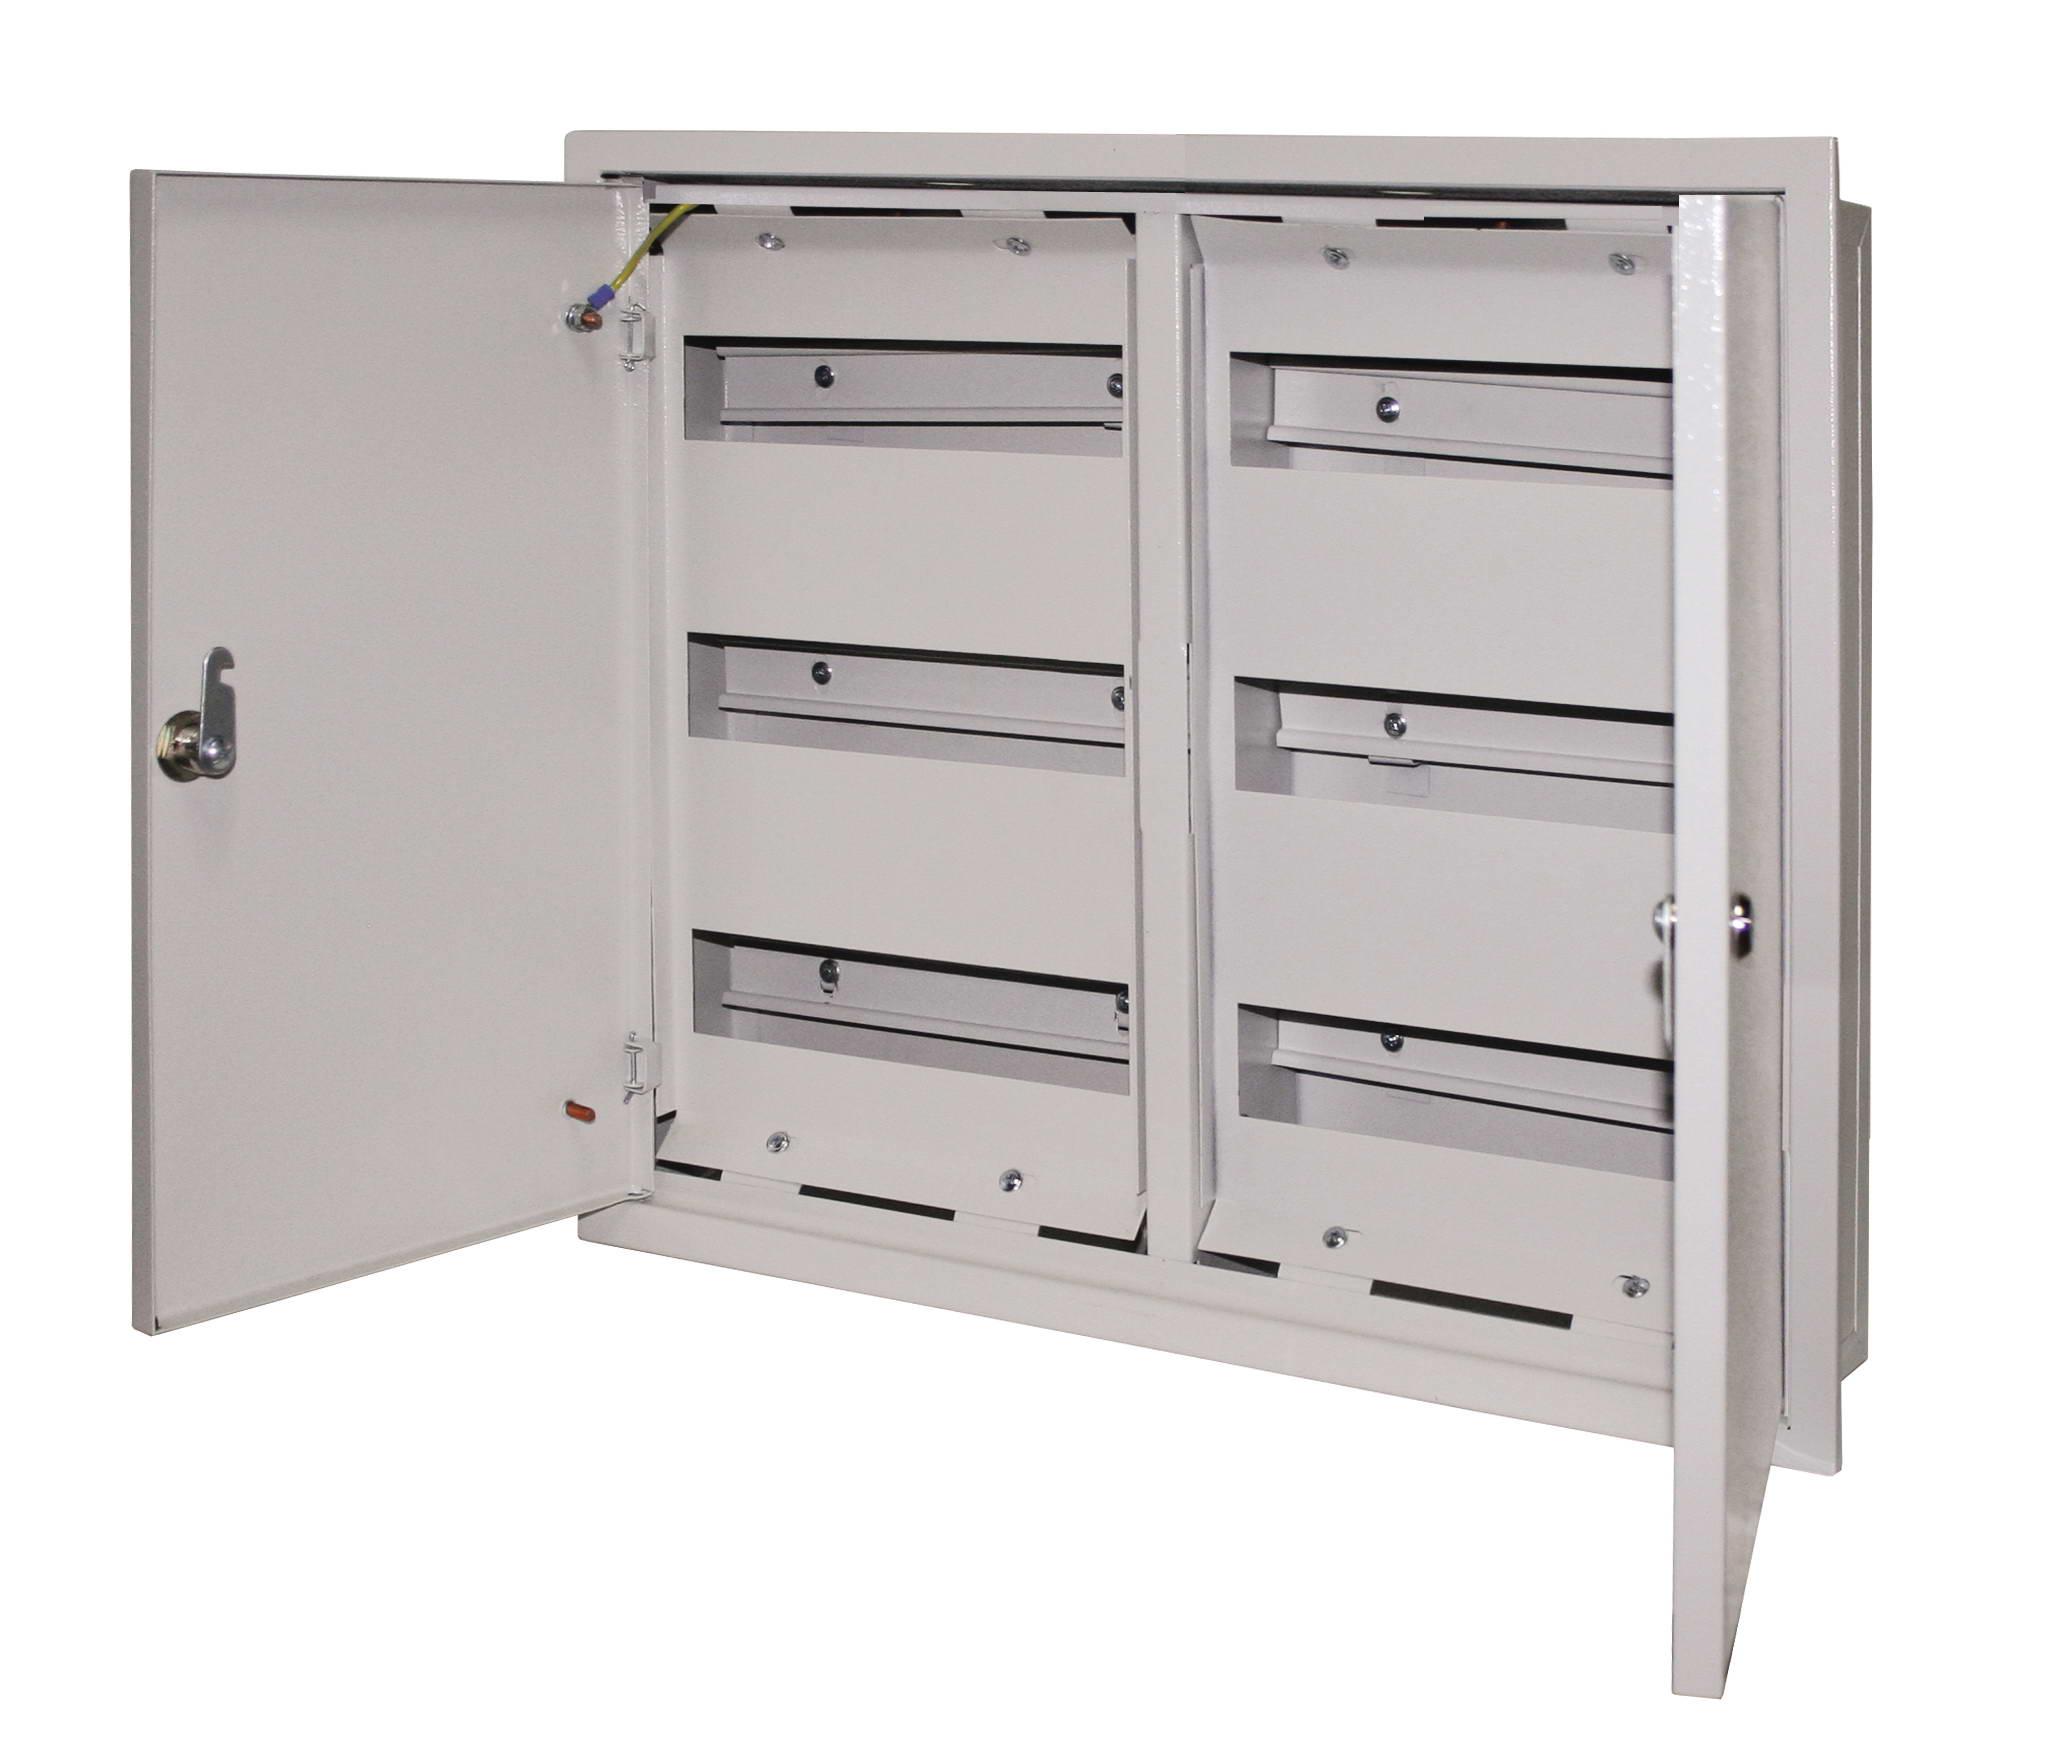 Щит распределительный встраиваемый на 144 модуля ABB U62, размер 984х560х120 мм